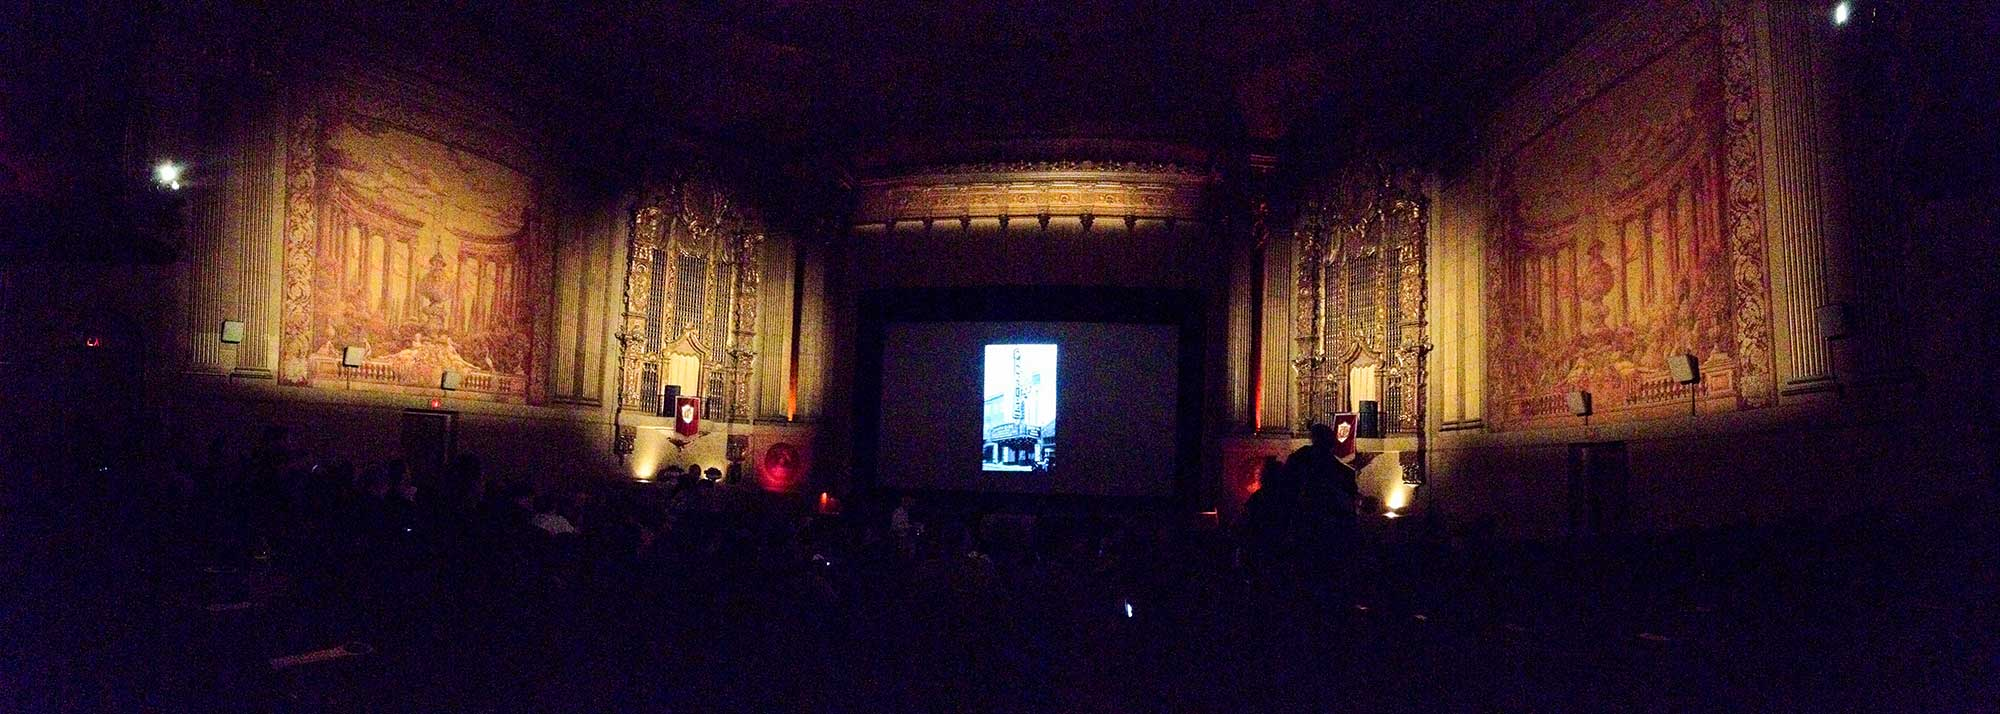 Interior of the Castro Theatre